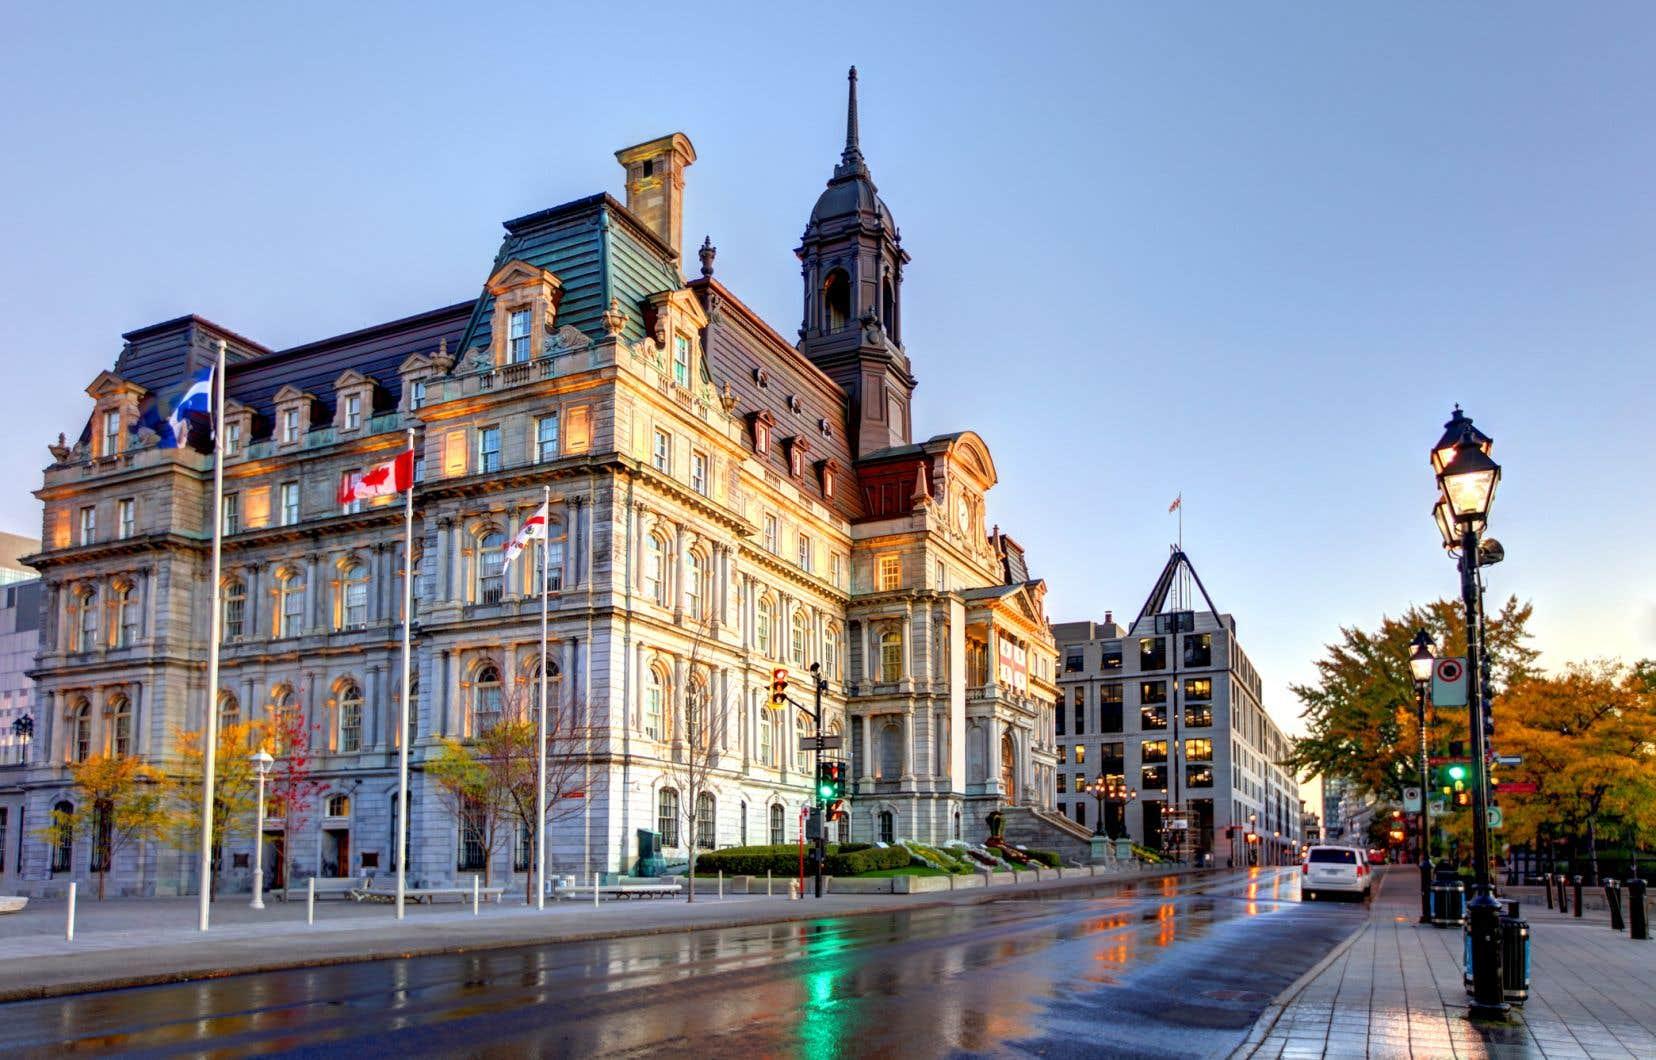 La Ville de Montréal possède plus de 1500 bâtiments dont la sécurité préoccupe la vérificatrice générale.